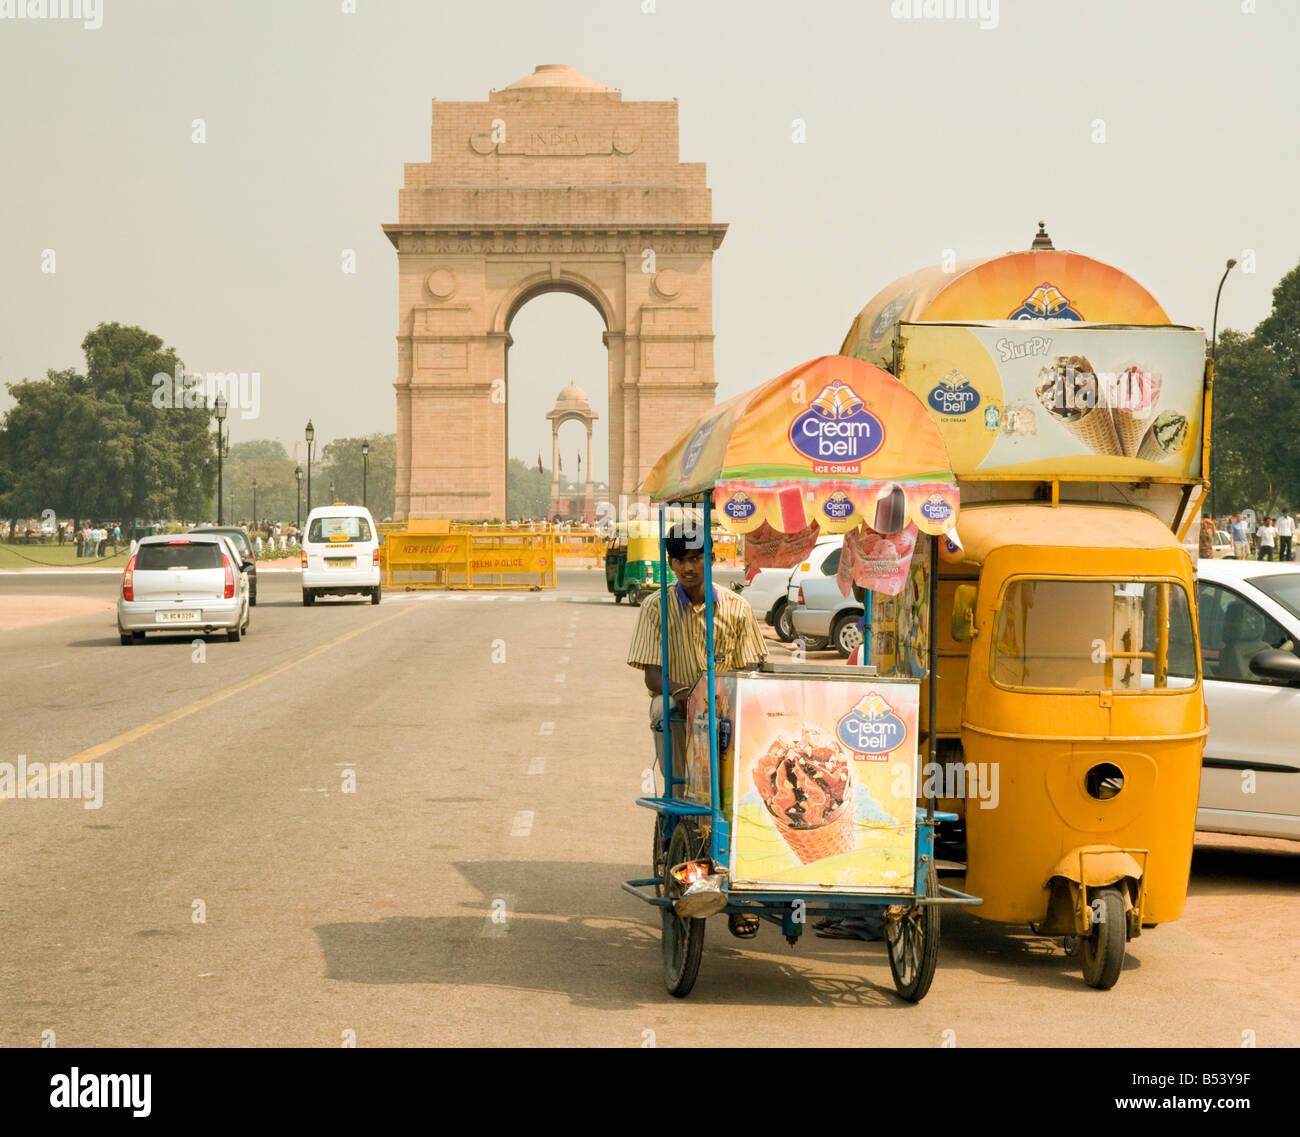 Gelato di uomini e i loro furgoni, India Gate New Delhi, India Immagini Stock